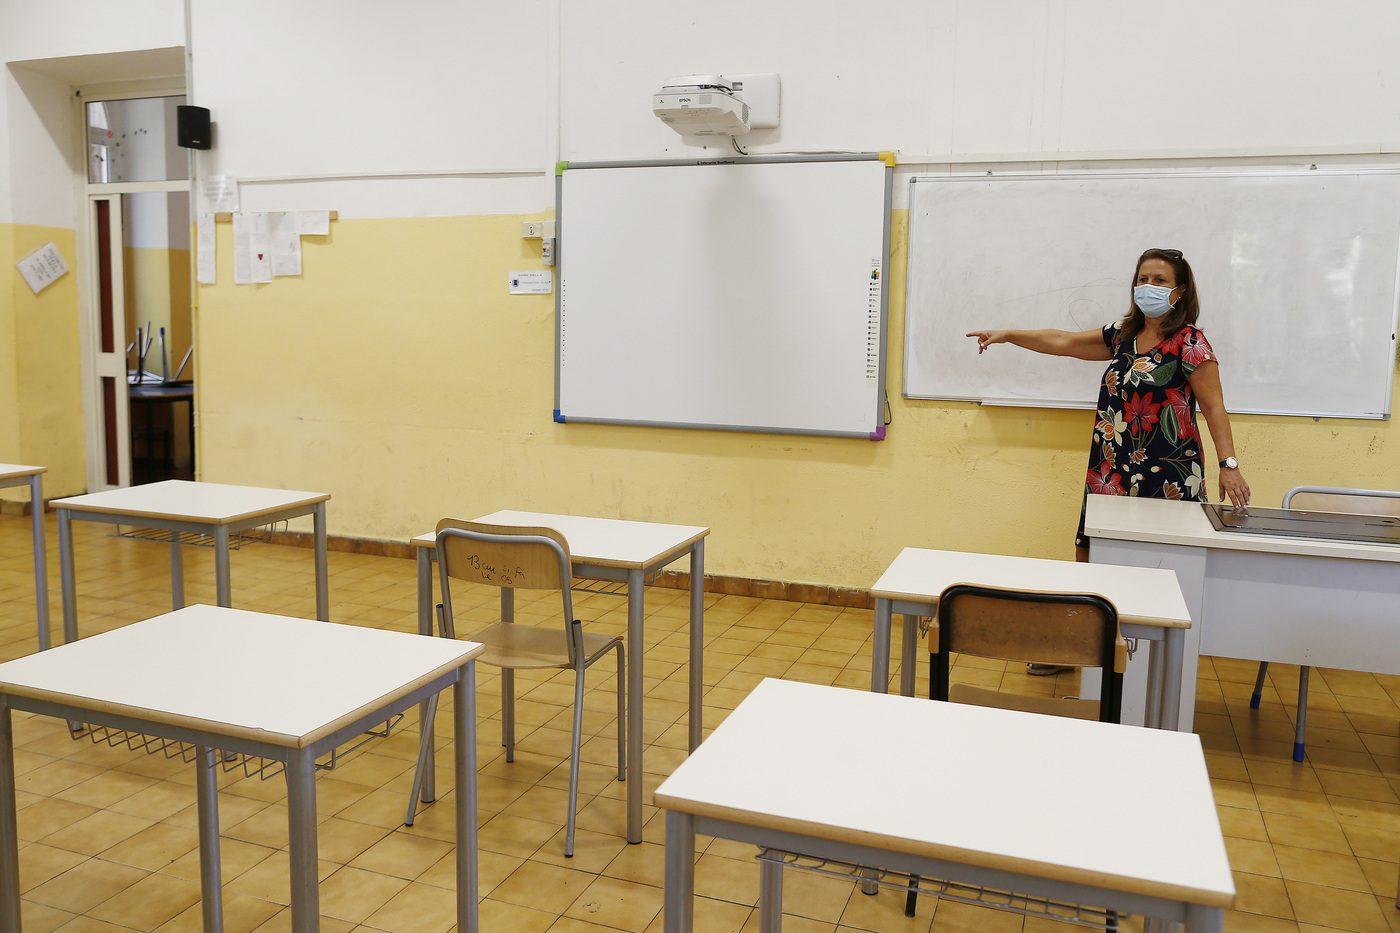 Inizio scuola 2020, la viceministra Ascani: «Un problema i banchi in ritardo: correggeremo gli errori»